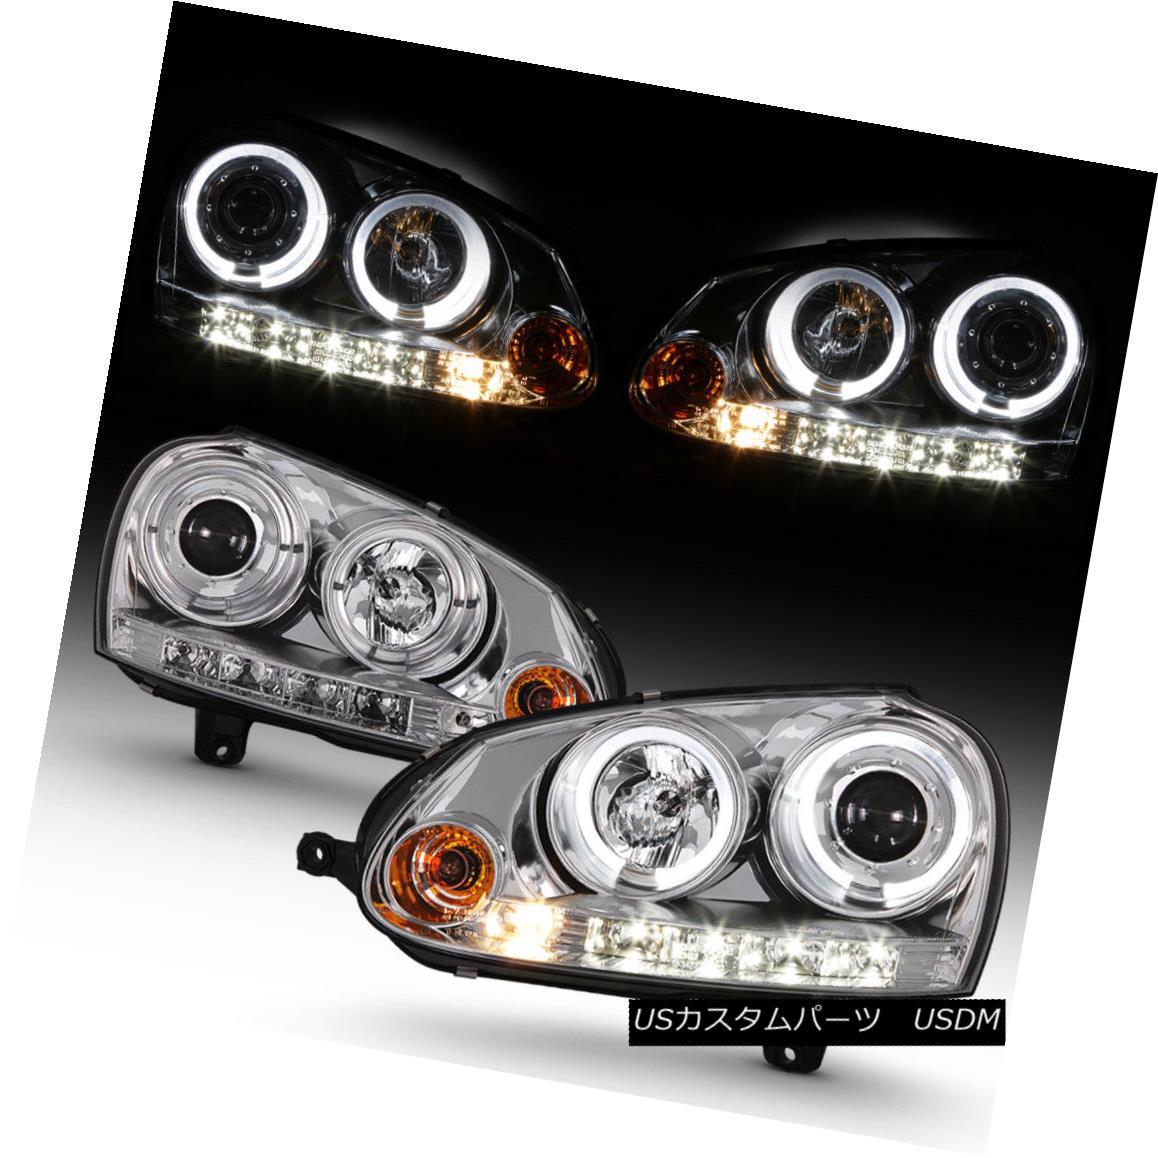 ヘッドライト 2006-2009 VW GTi Jetta Rabbit Halo Projector Headlights w/DRL LED Running Lights 2006-2009 VW GTiジェッタラビットハロープロジェクターヘッドライト(DRL LEDランニングライト付き)